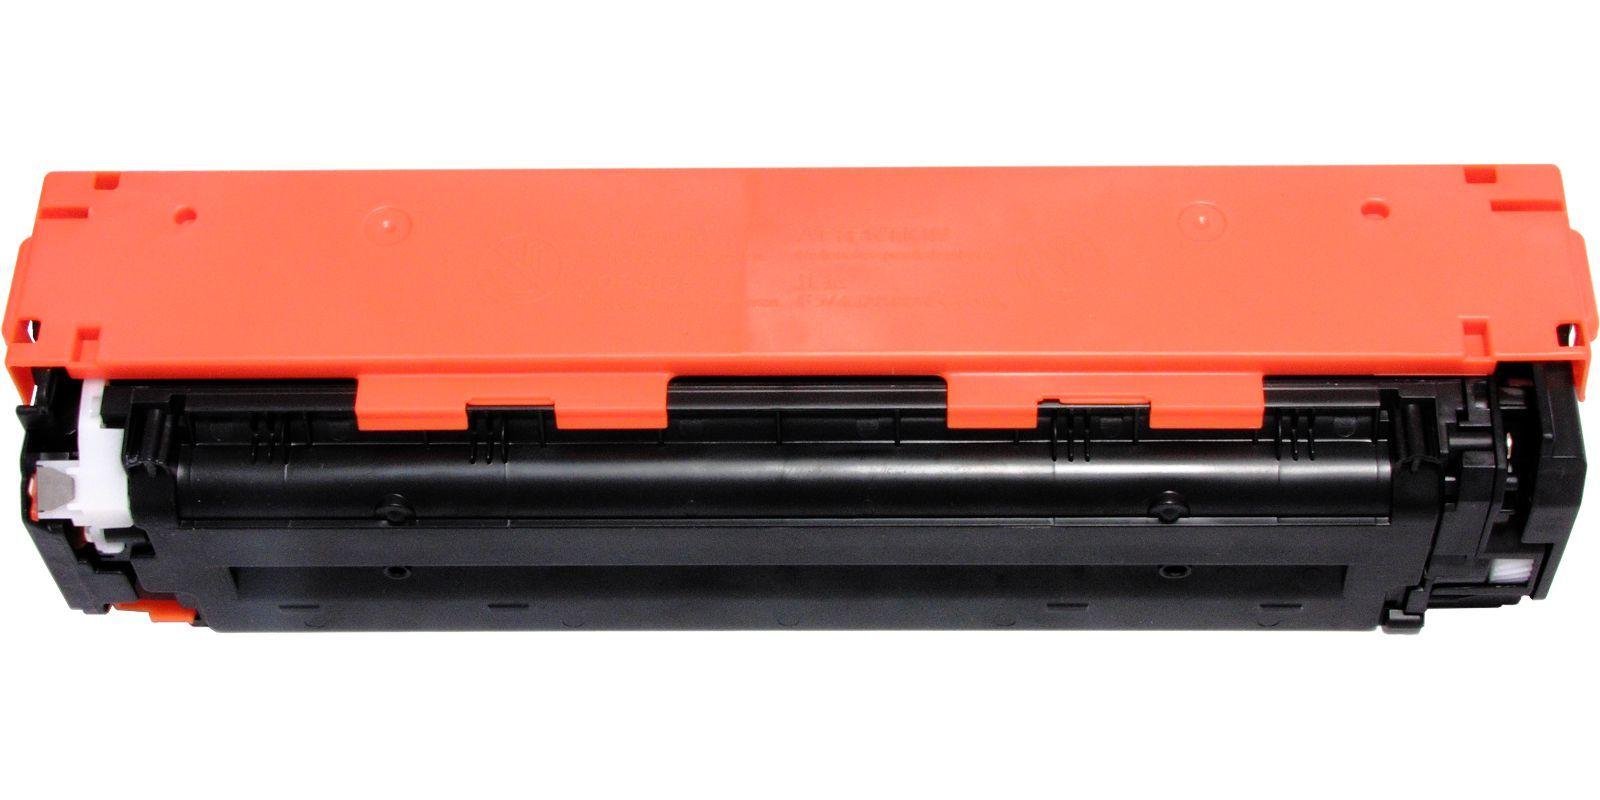 Картридж лазерный цветной Office Pro© 128A CE321A голубой (cyan), до 1300 стр.